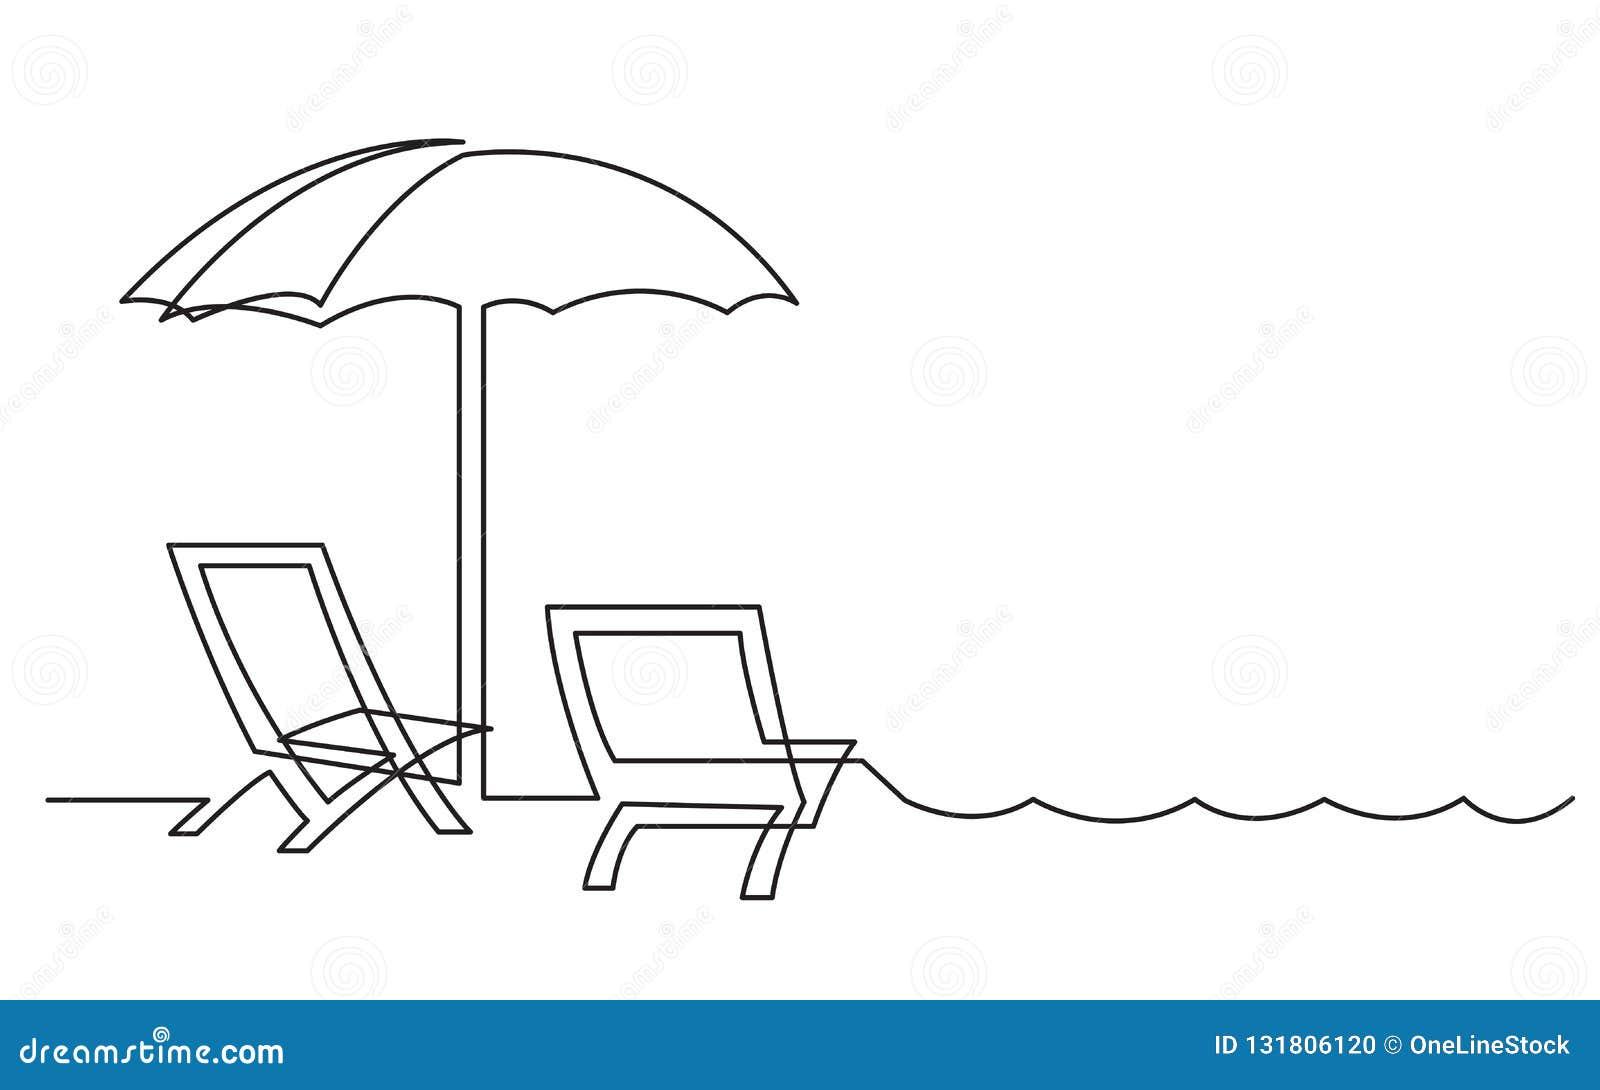 Dibujo Lineal Continuo De Las Sillas De Playa Y De Las Ondas Del